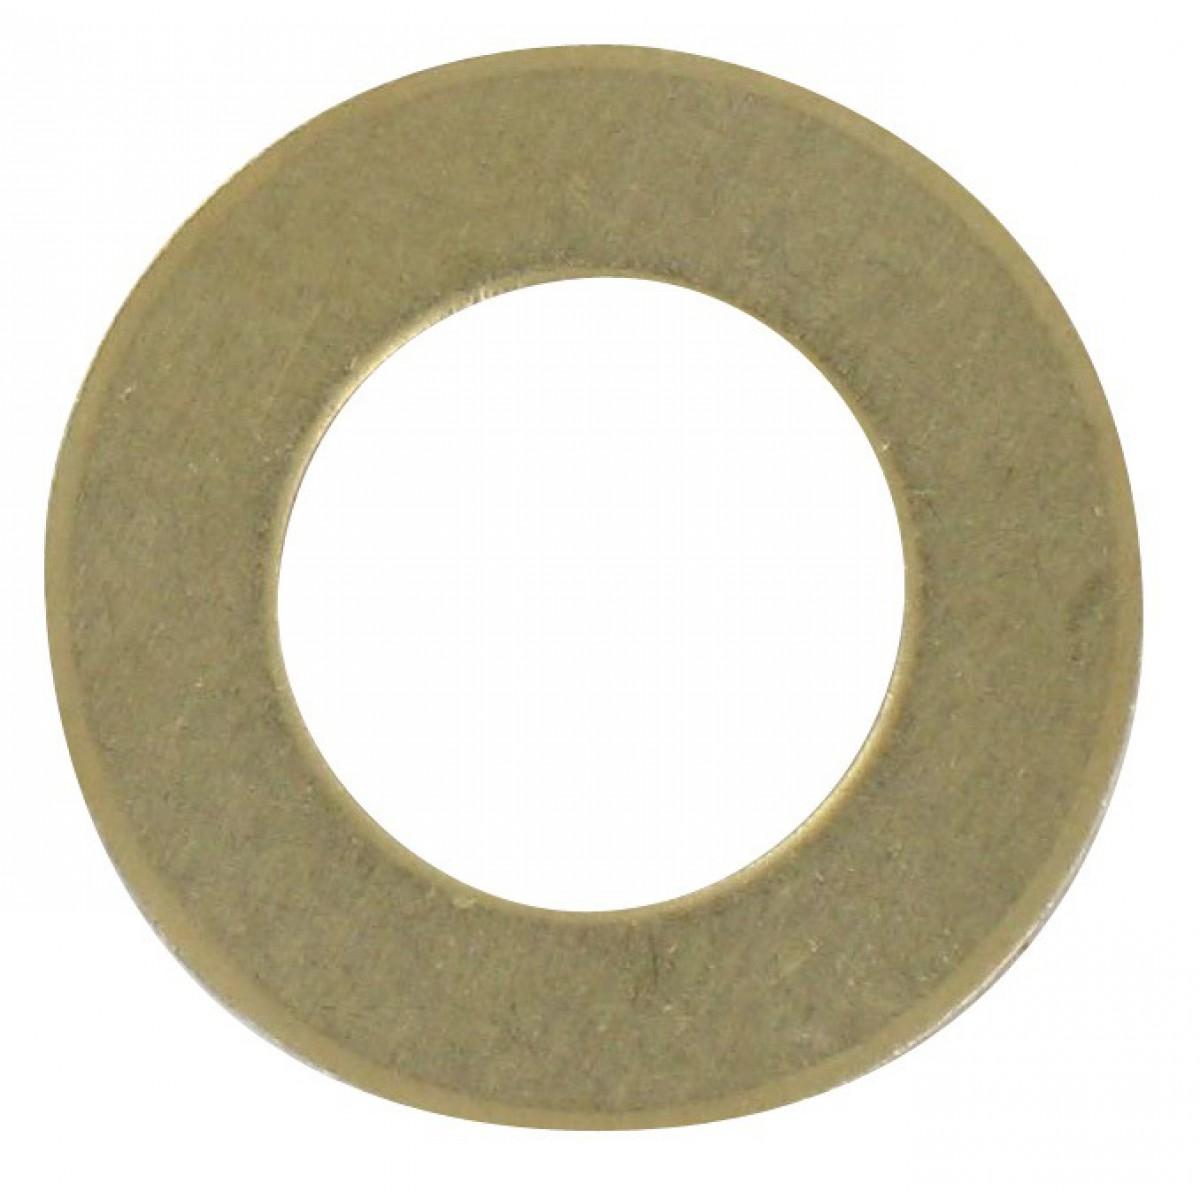 Bague laiton pour gond - Diamètre intérieur 13 mm - Vendu par 8